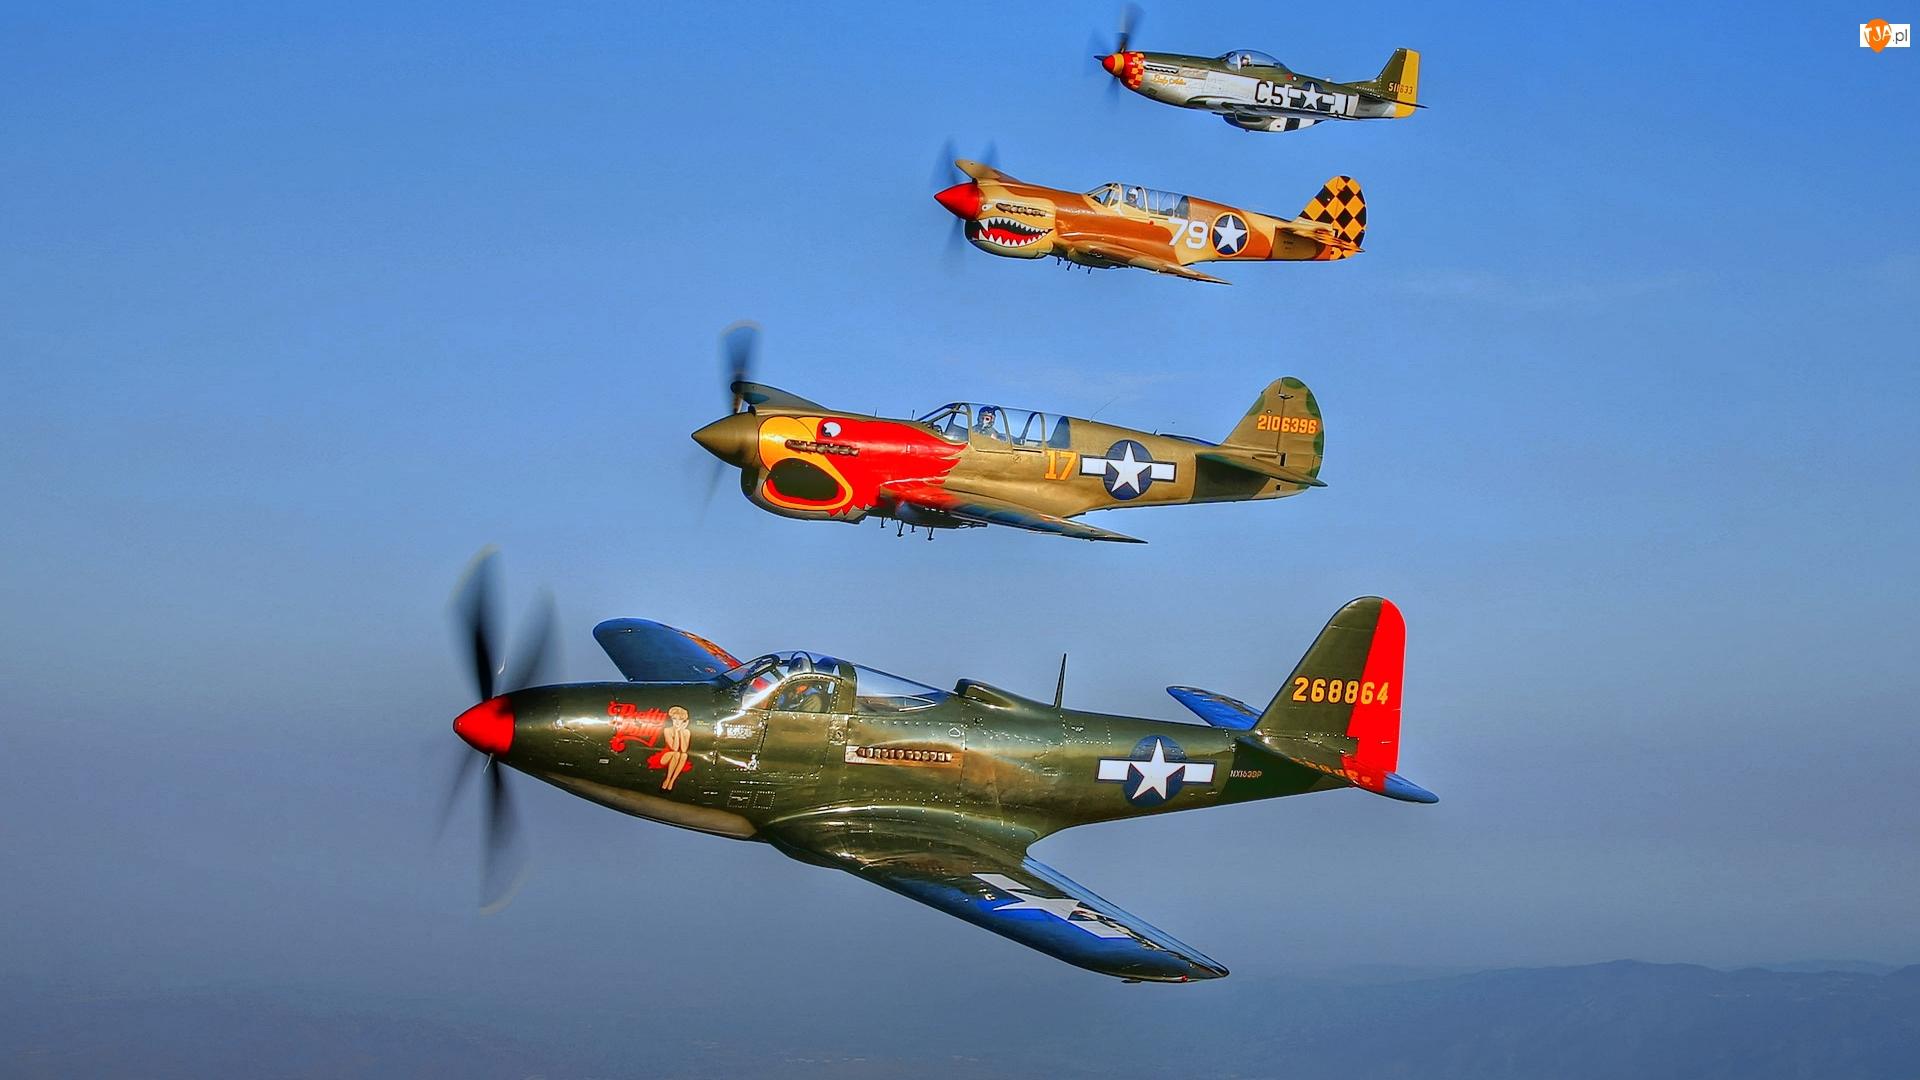 Samoloty, North American P-51 Mustang, Myśliwce, Curtiss P-40 Warhawk